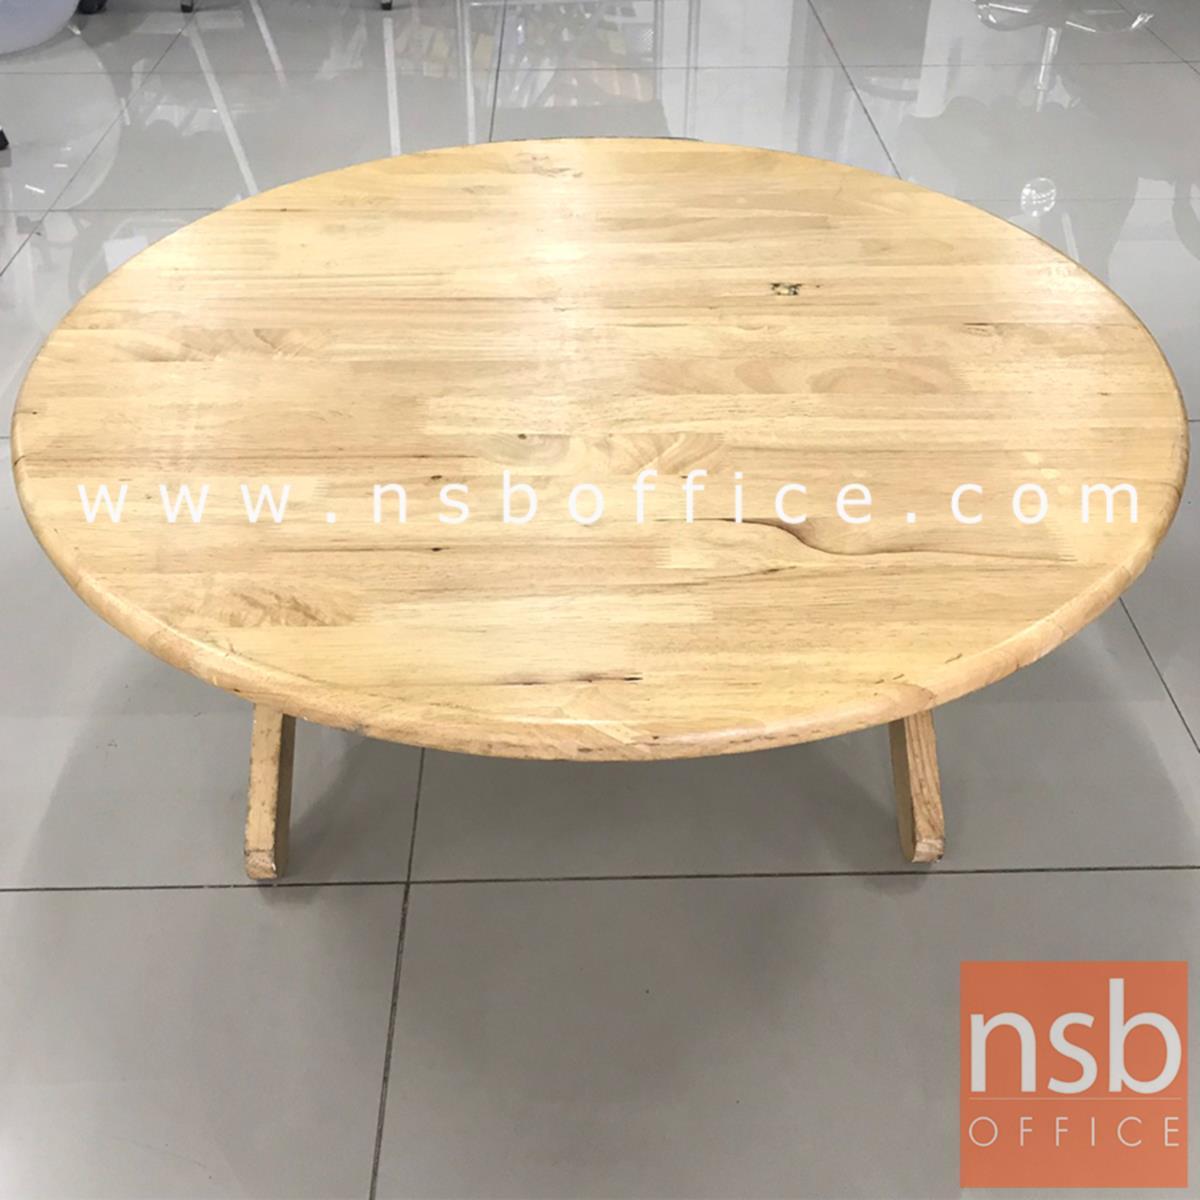 L01A131:โต๊ะพับหน้าไม้ยางพาราล้วน  ขนาด 75Di*32H cm. สีธรรมชาติ